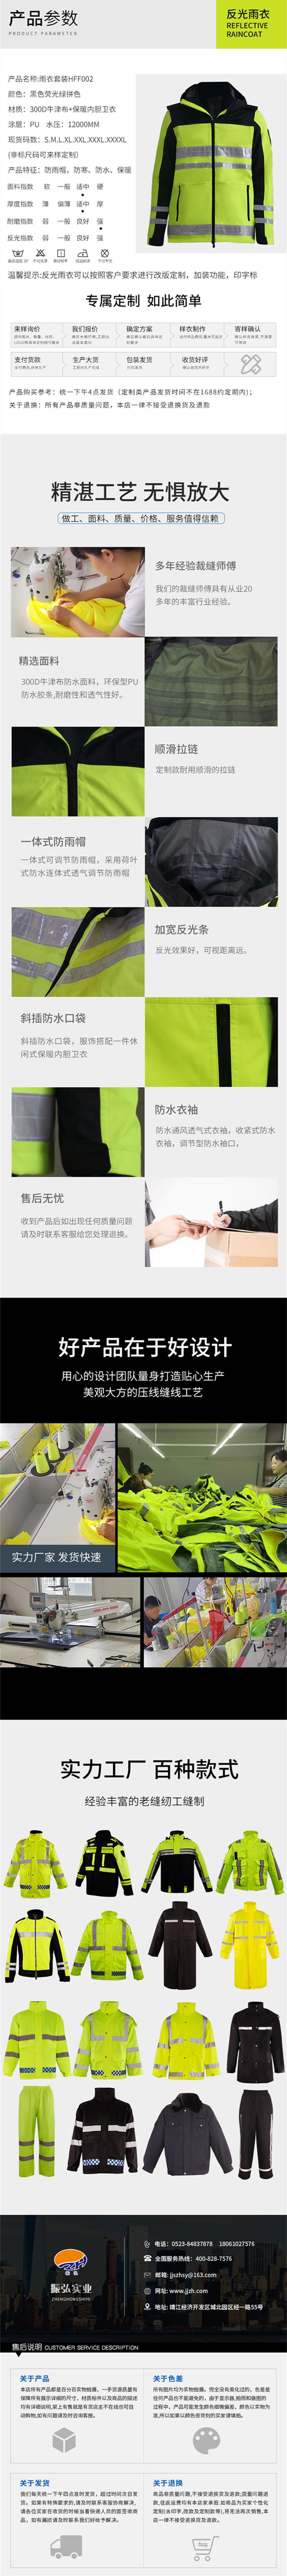 反光雨衣HFF002 详情页_副本